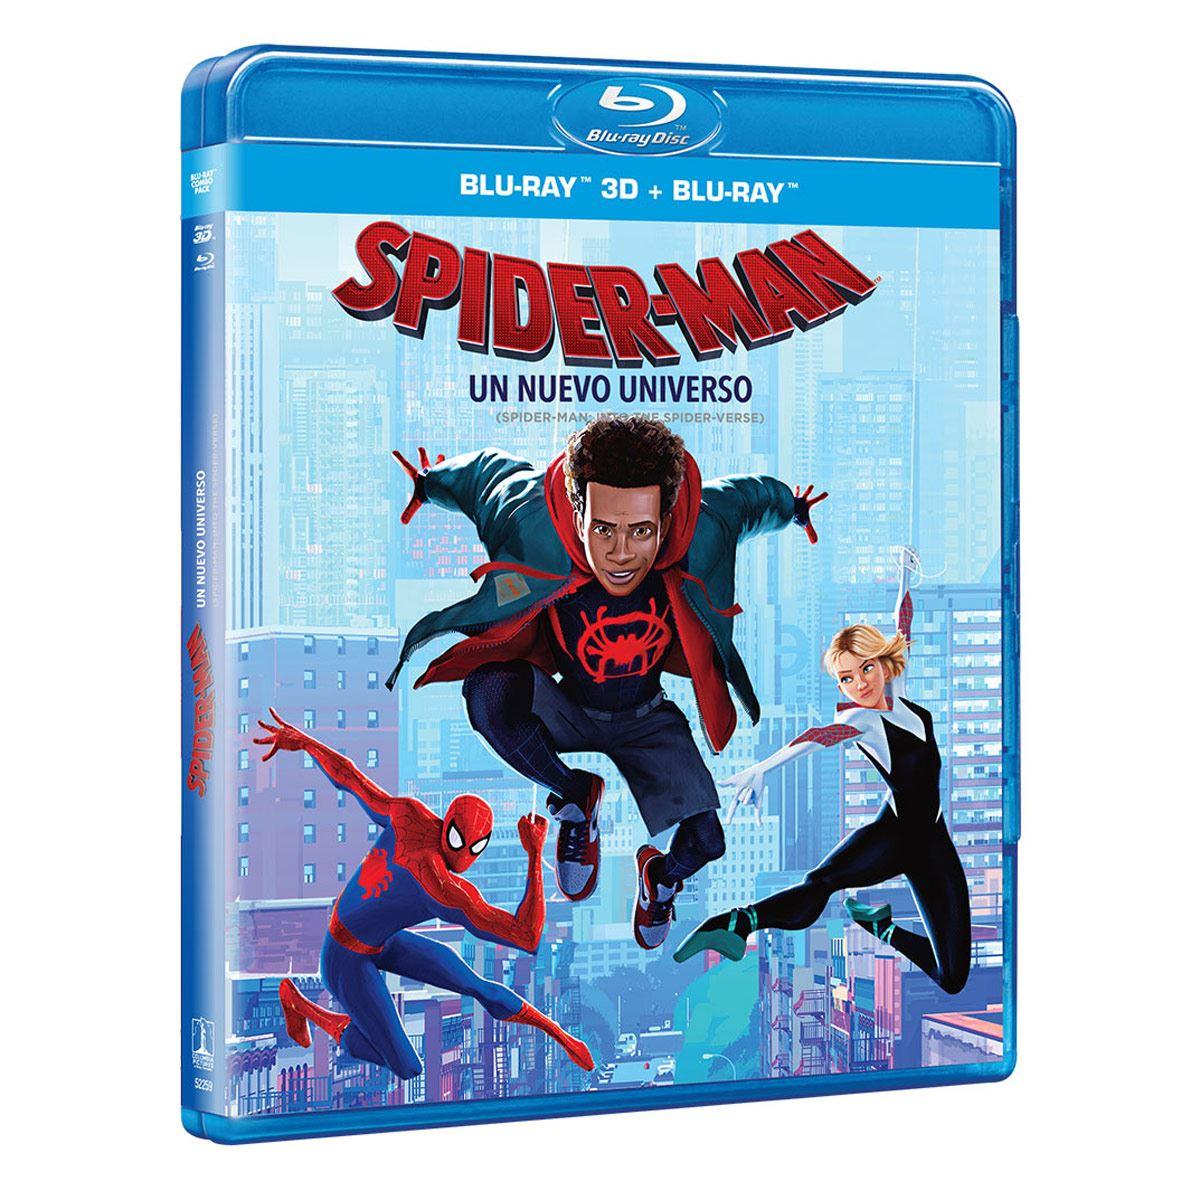 BR 3D Spiderman Un Nuevo Universo